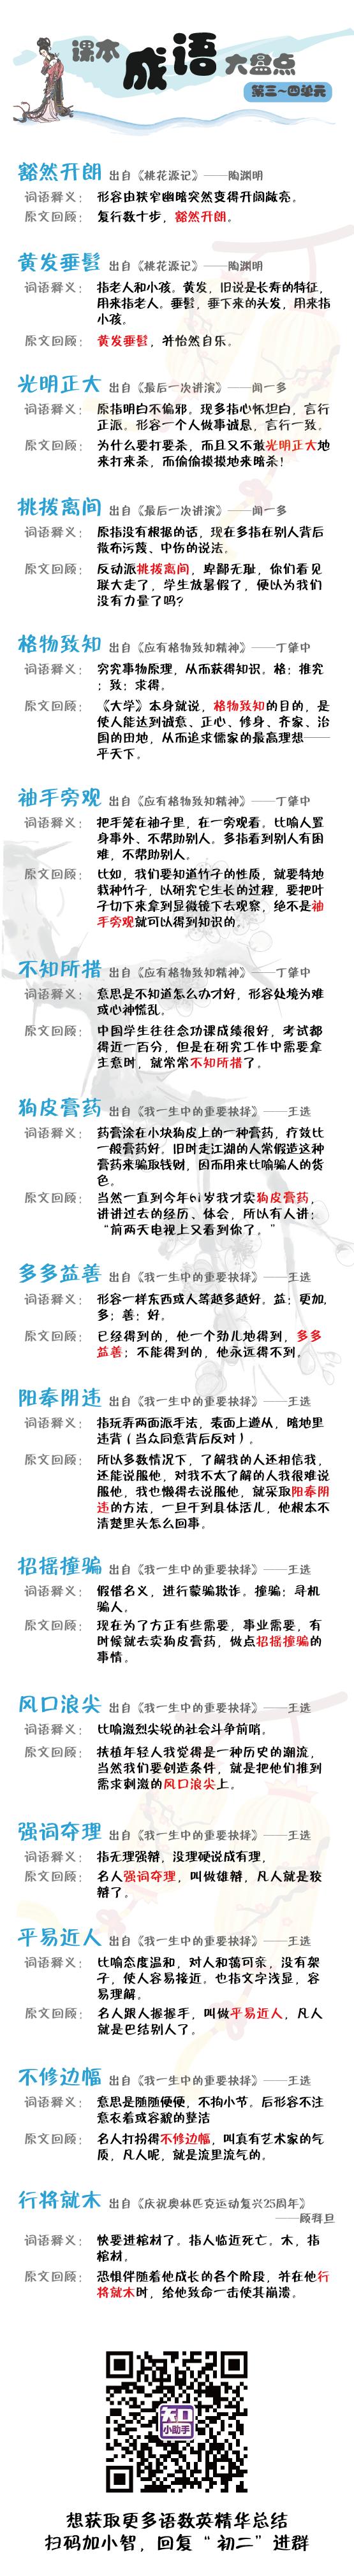 成语溯源 八下_3-4.png